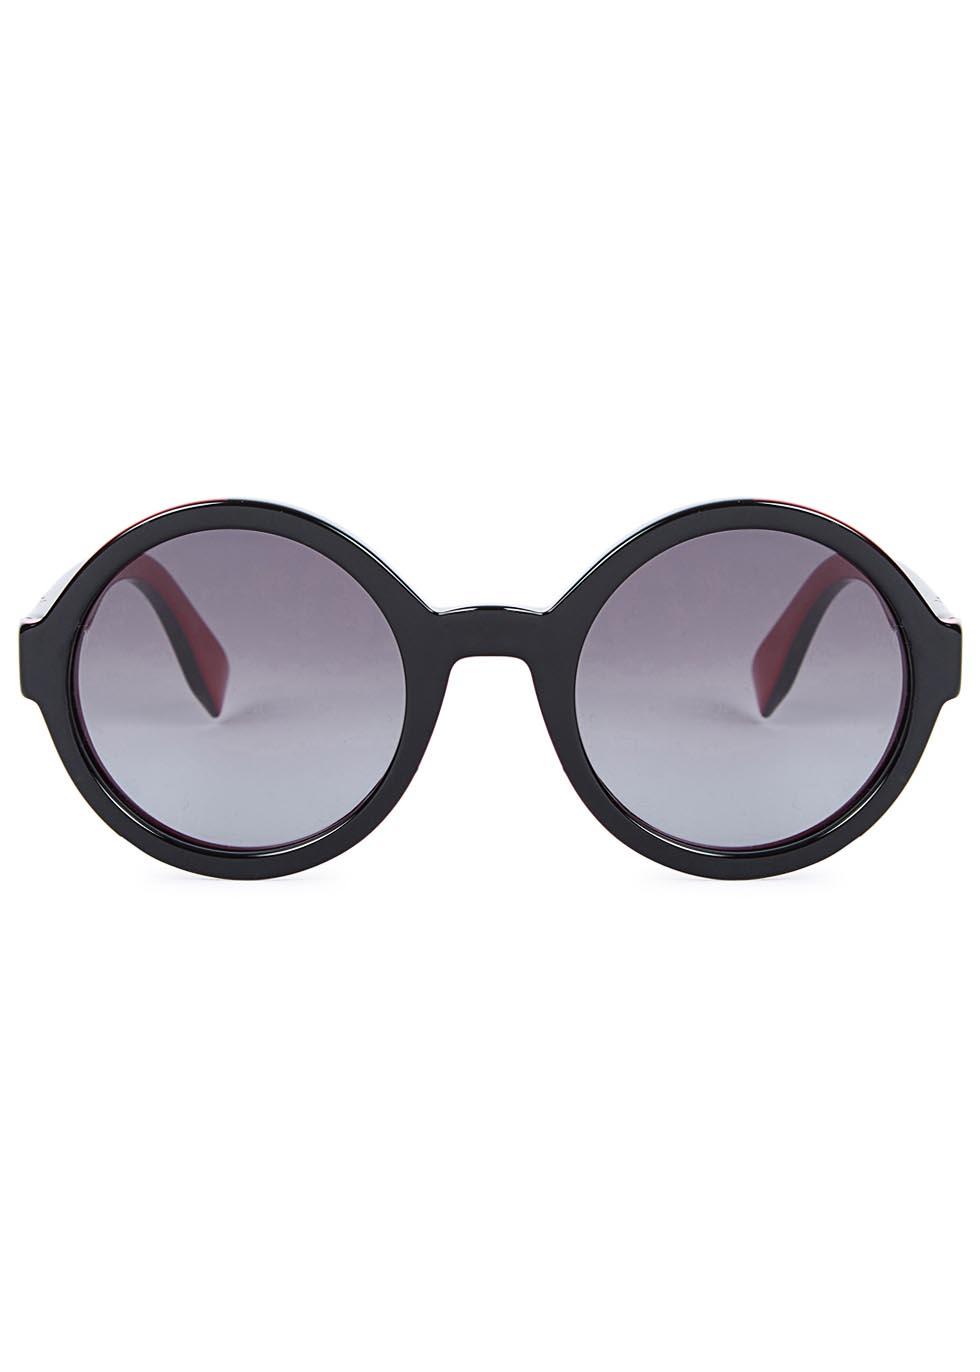 Black round-frame sunglasses - Fendi